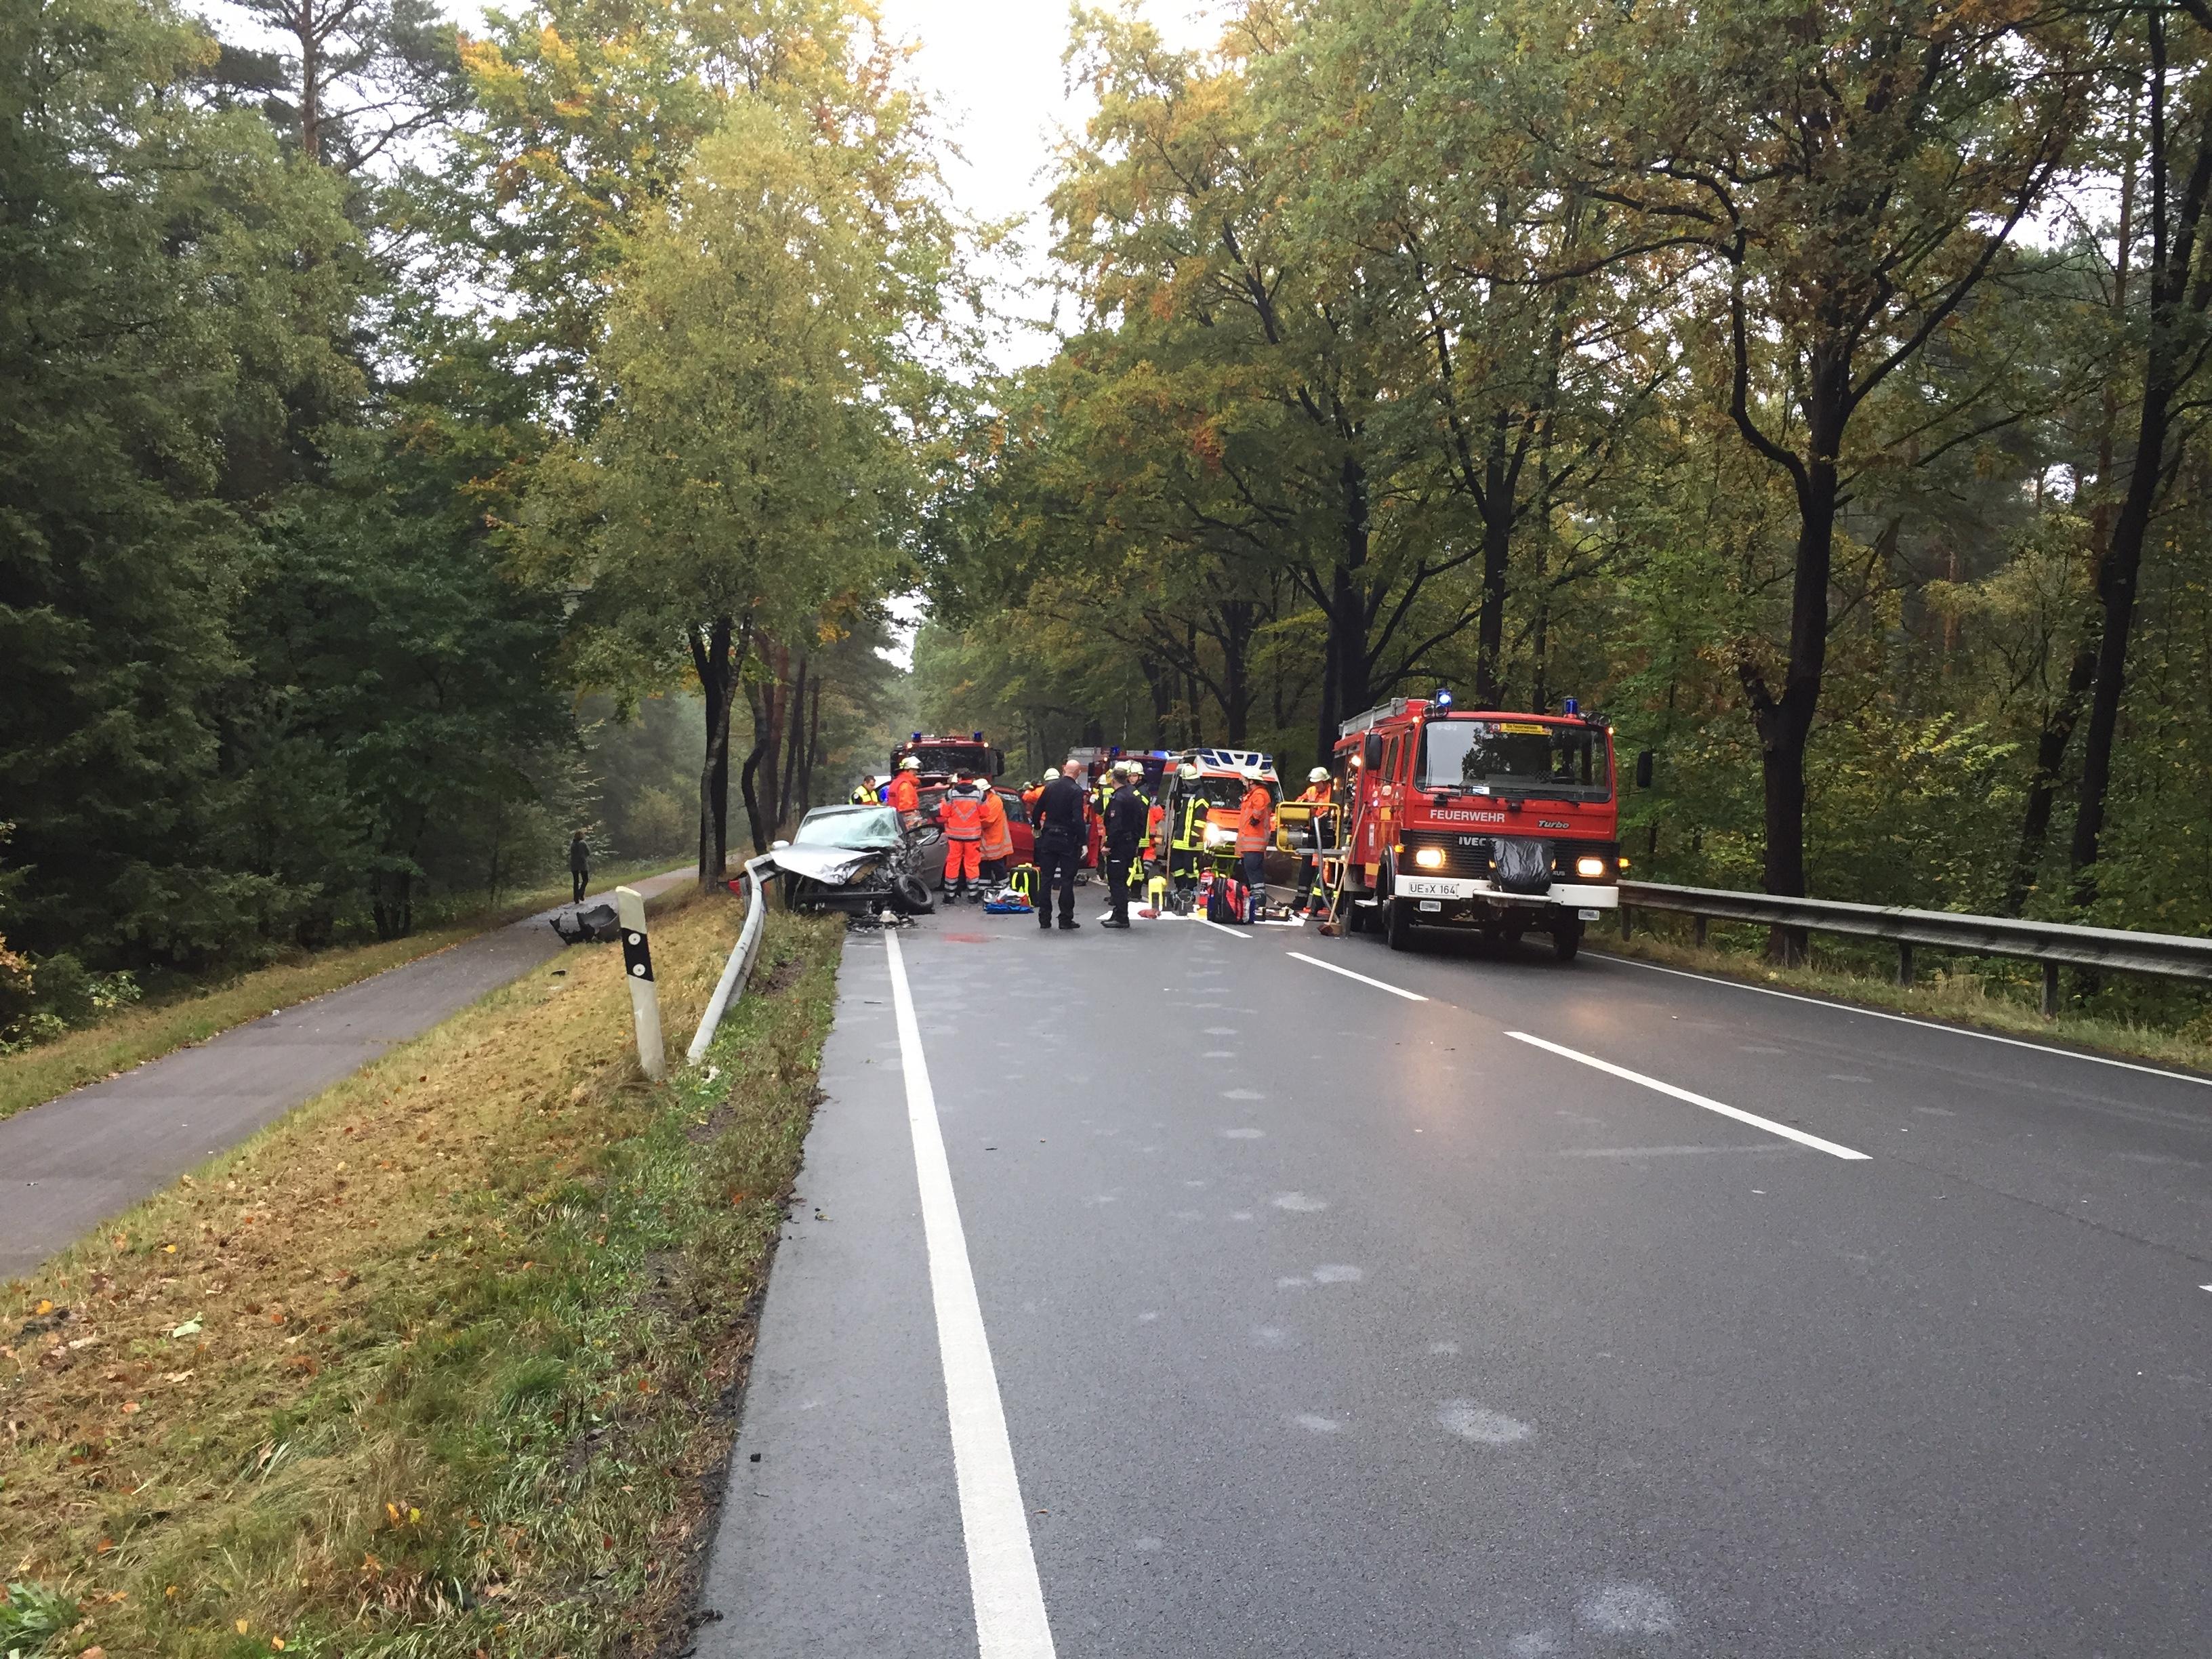 224. Verkehrsunfall- Personen eingeklemmt